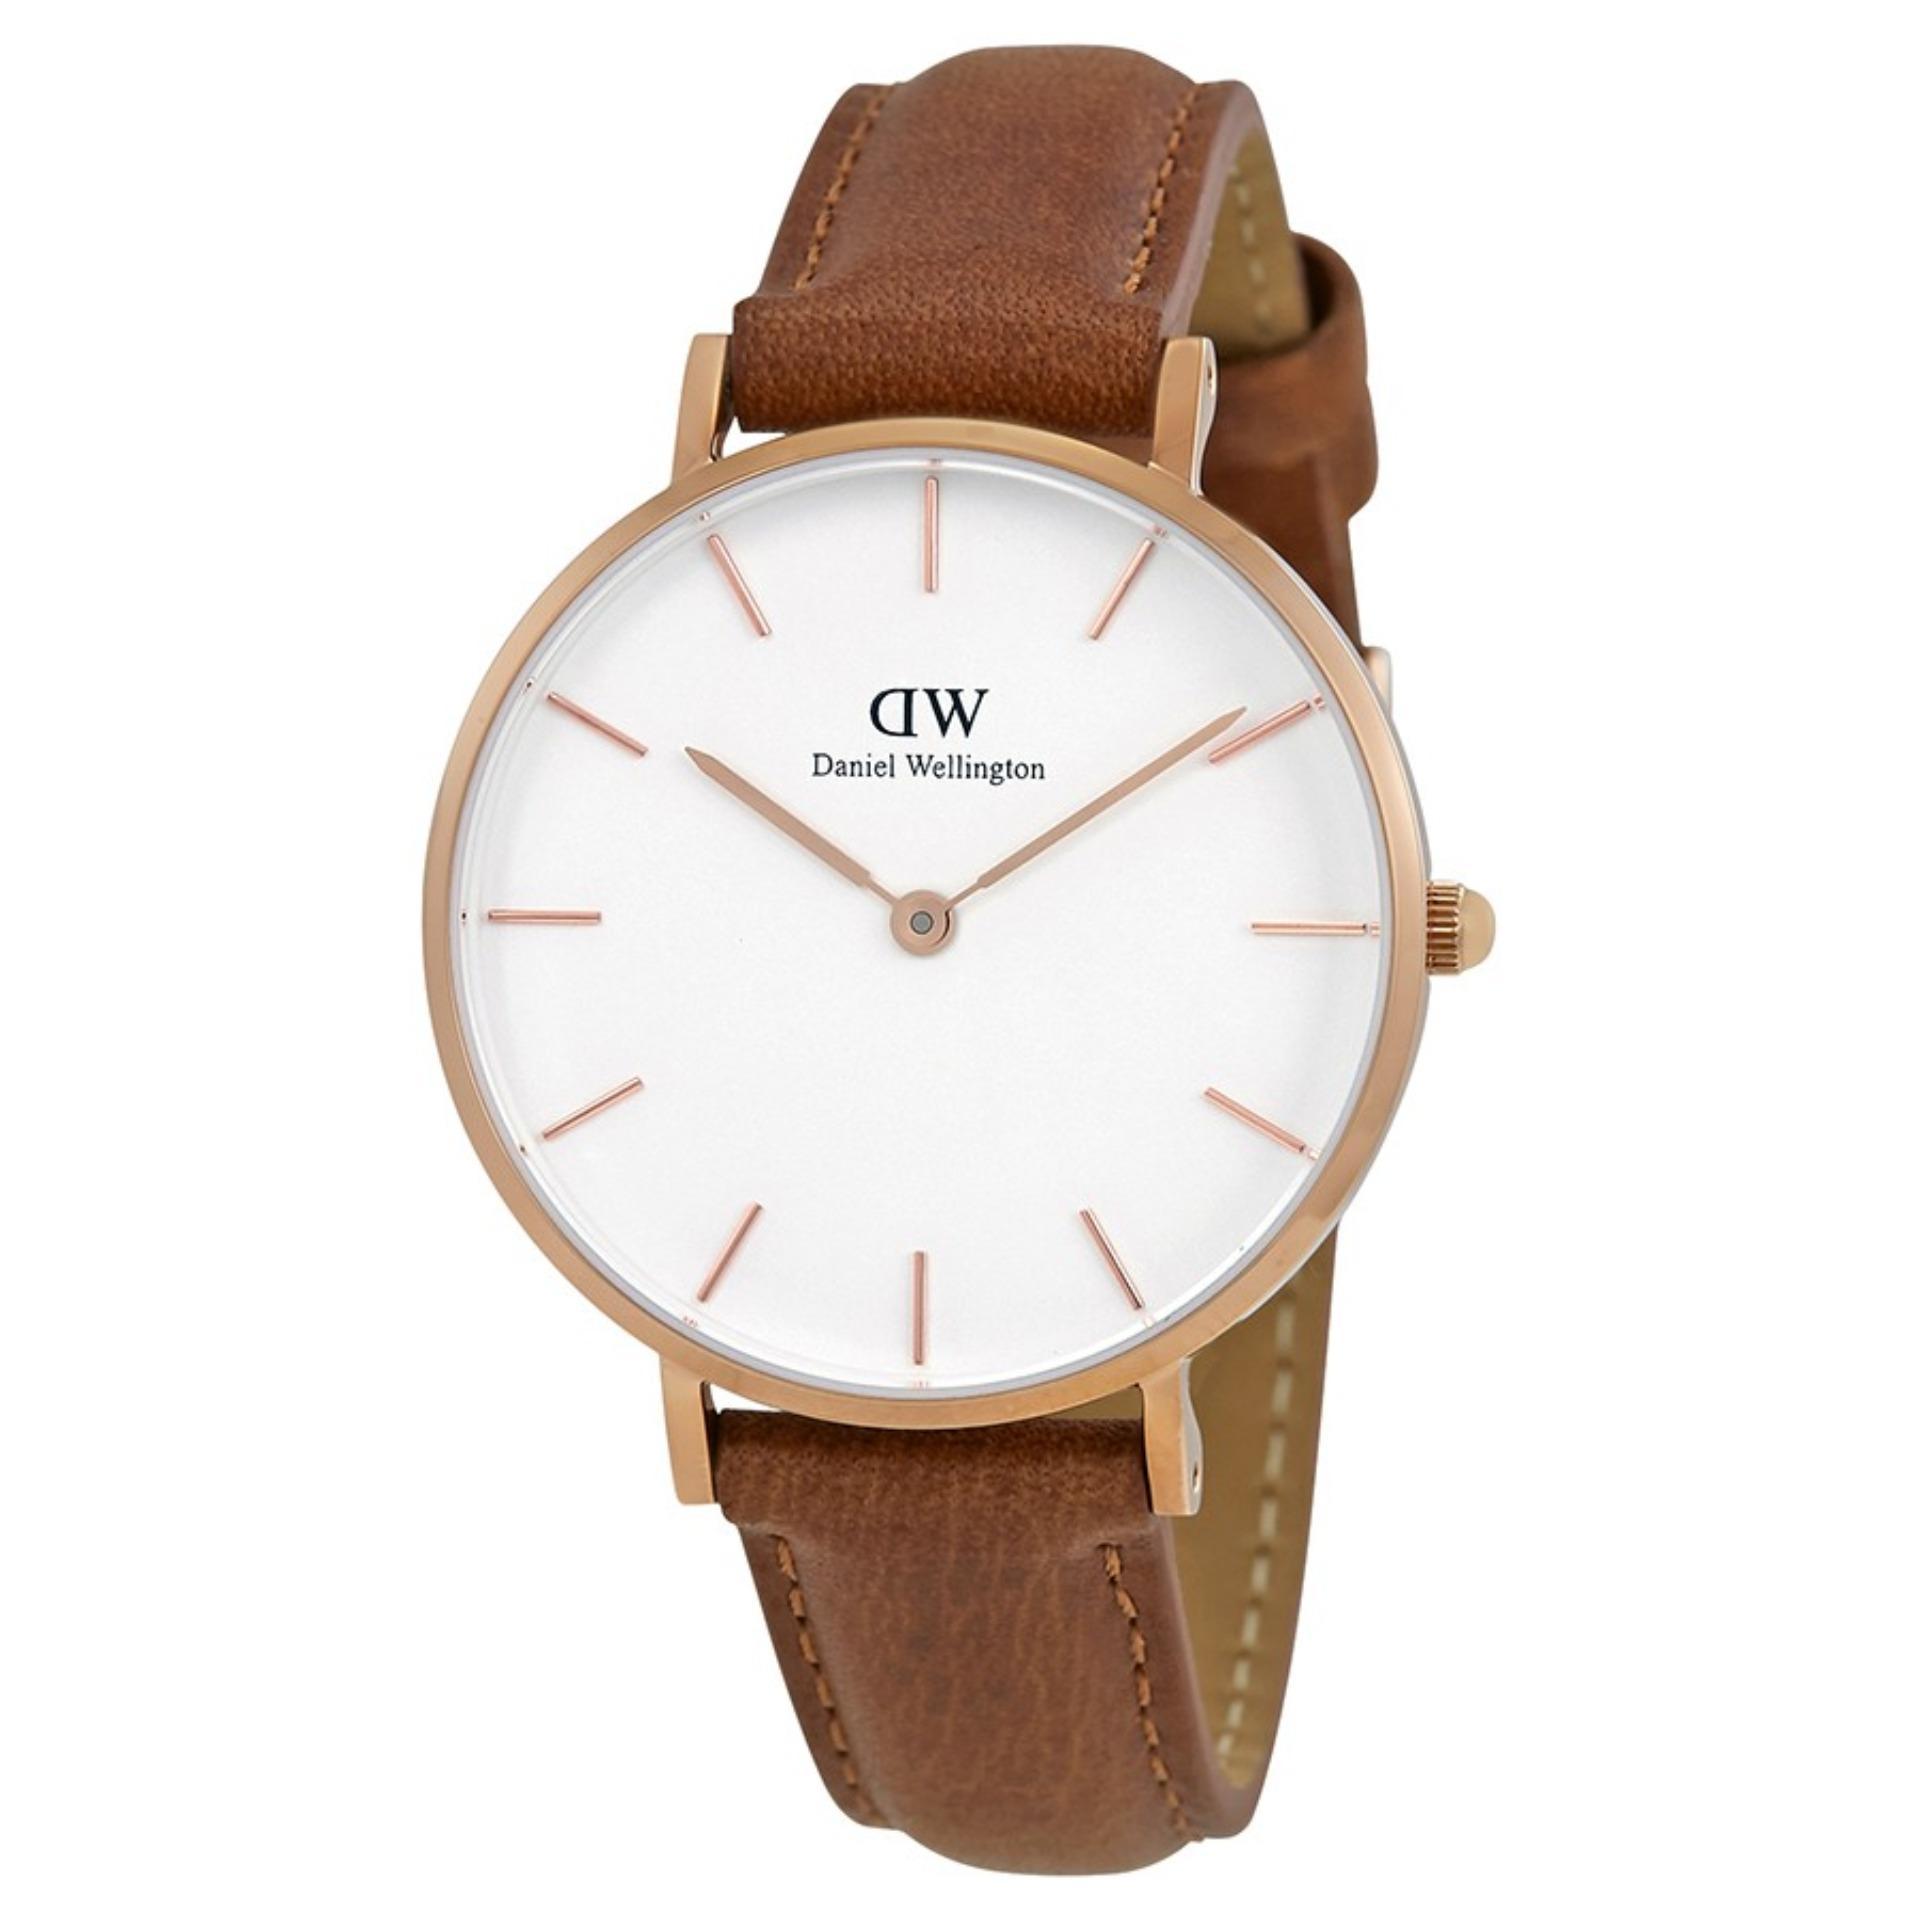 bc5af8a2257 Daniel Wellington Ladies Classic Petite Durham 32mm Rose Gold Watch  DW00100172